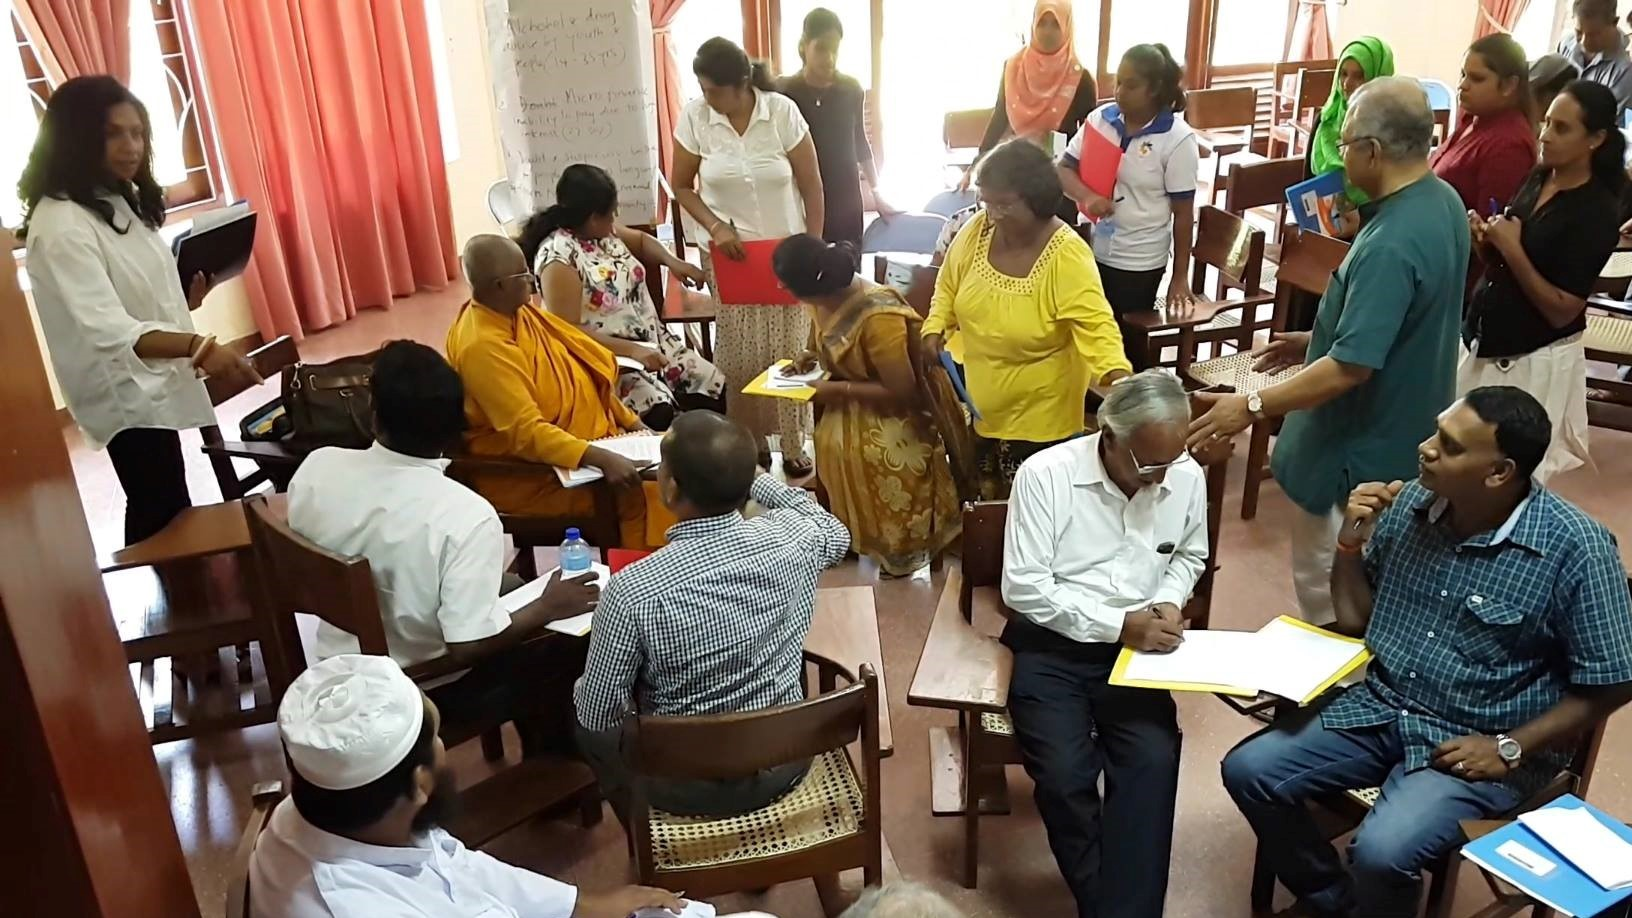 Interfaith Peacemaker team training in Kandy, Sri Lanka